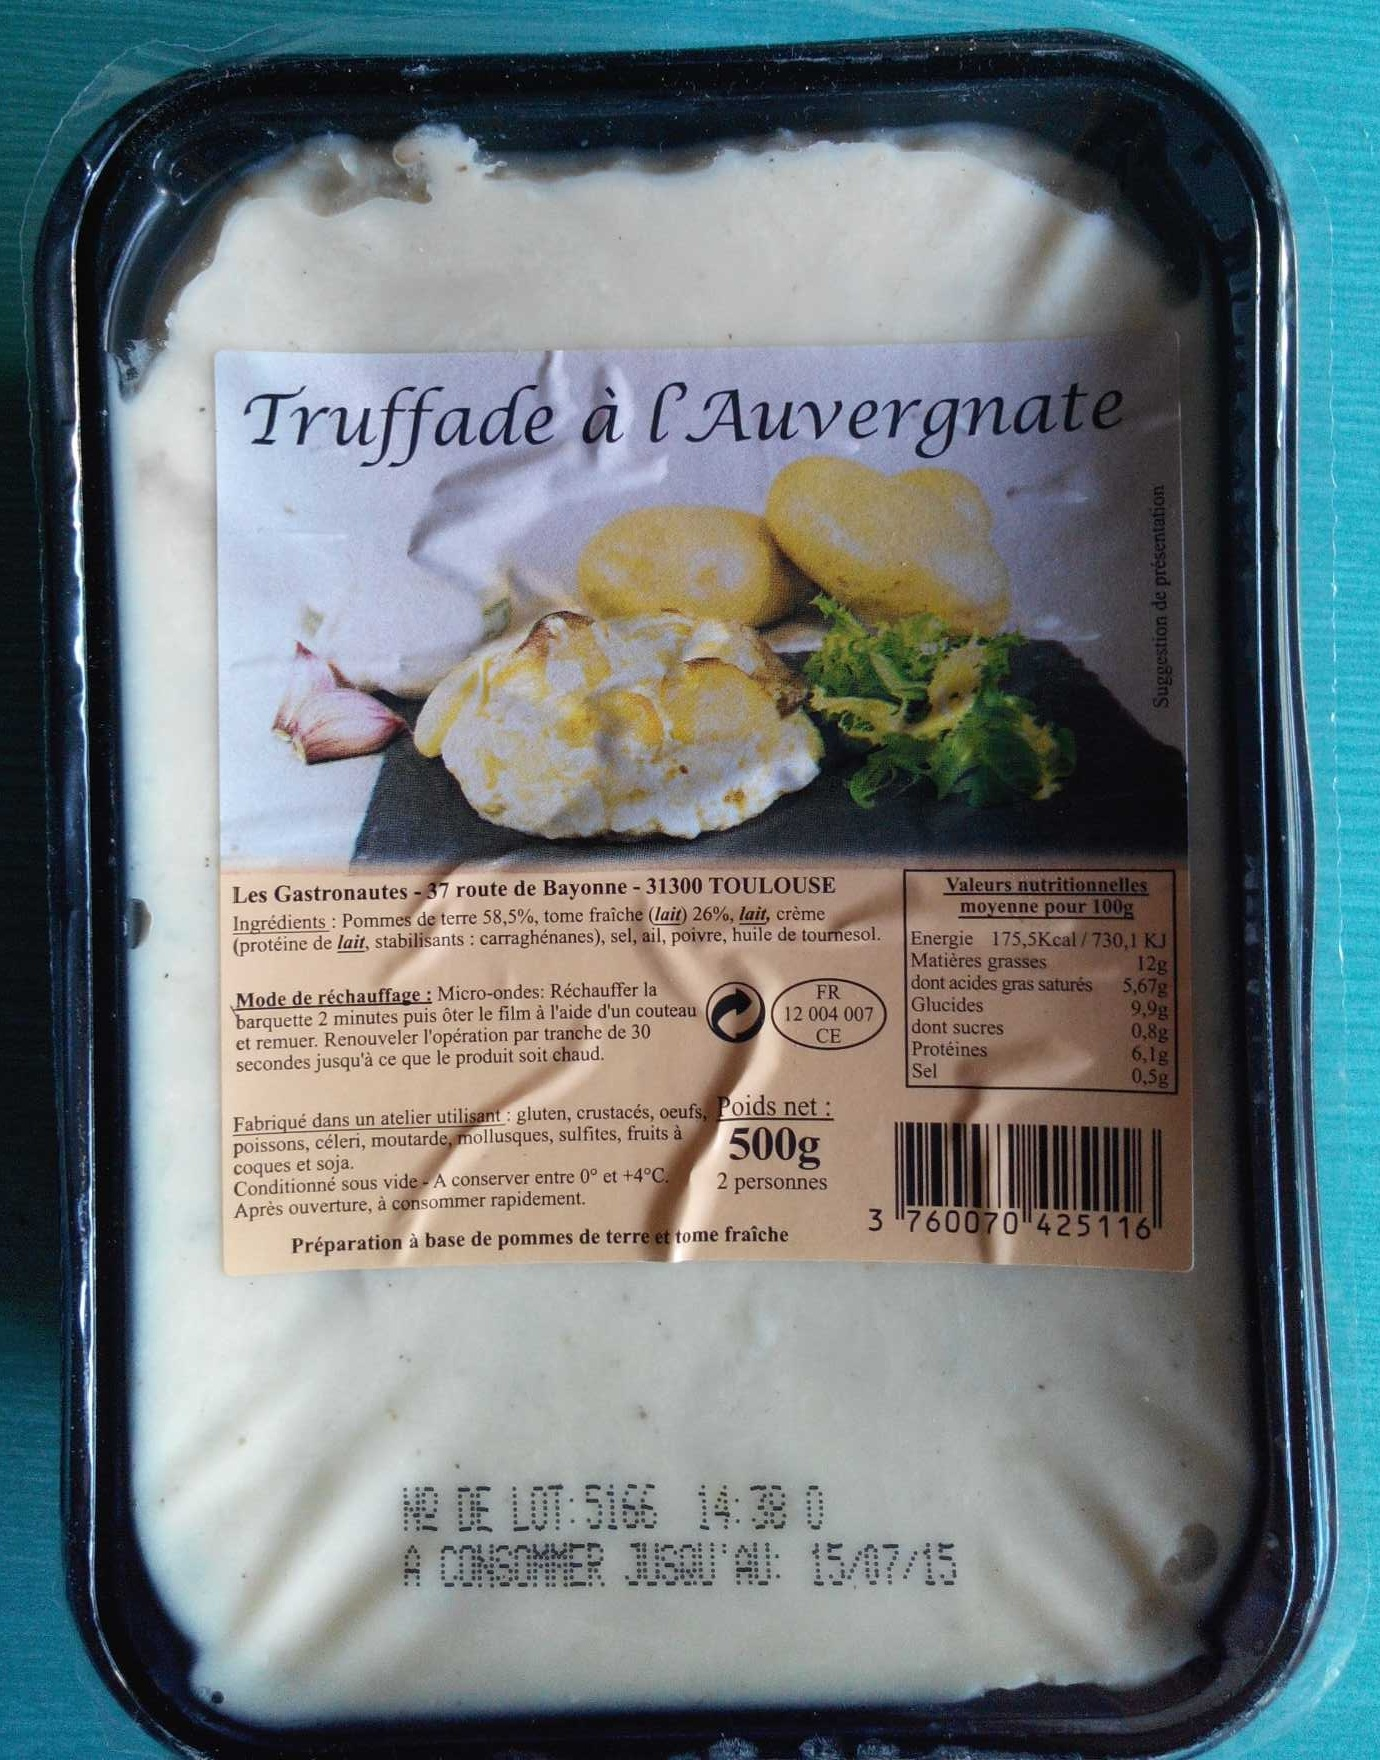 Truffade à l'Auvergnate - Product - fr